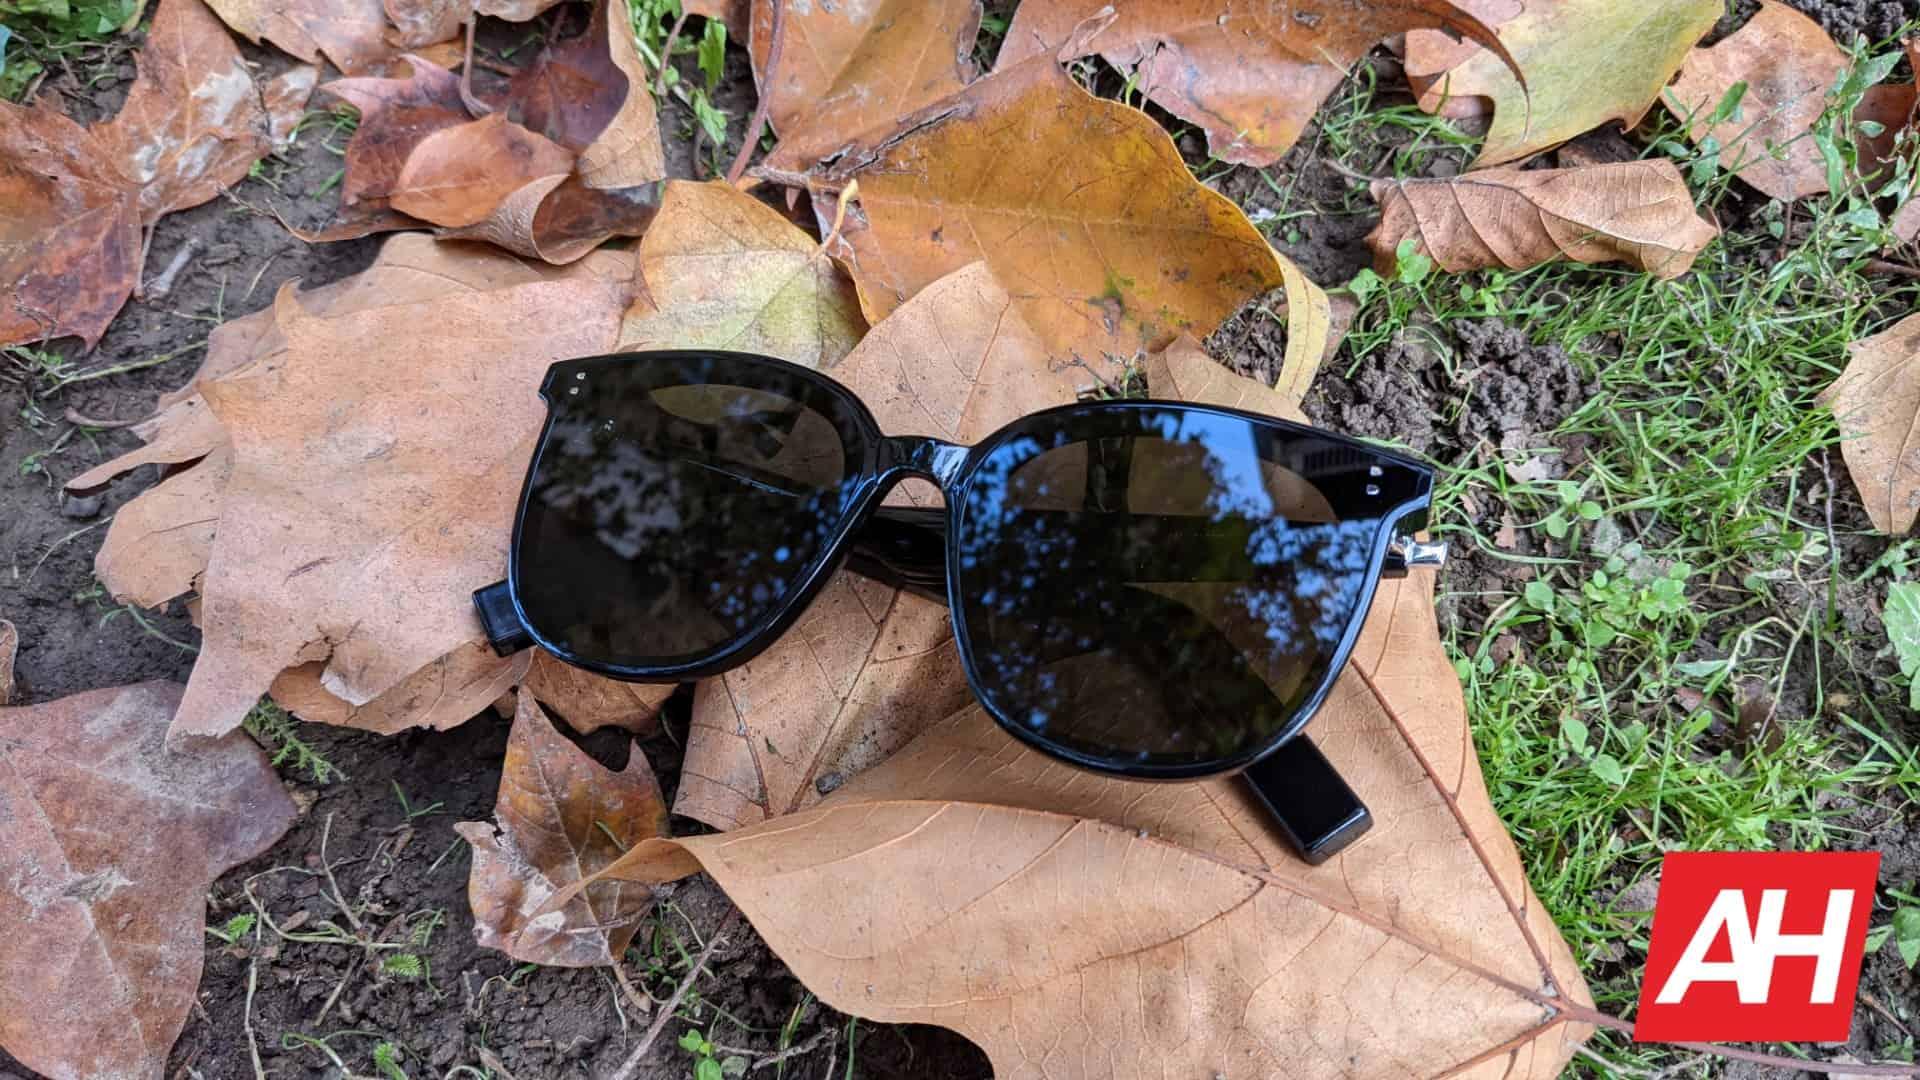 AH Huawei X Gentle Monster Eyewear II image 5